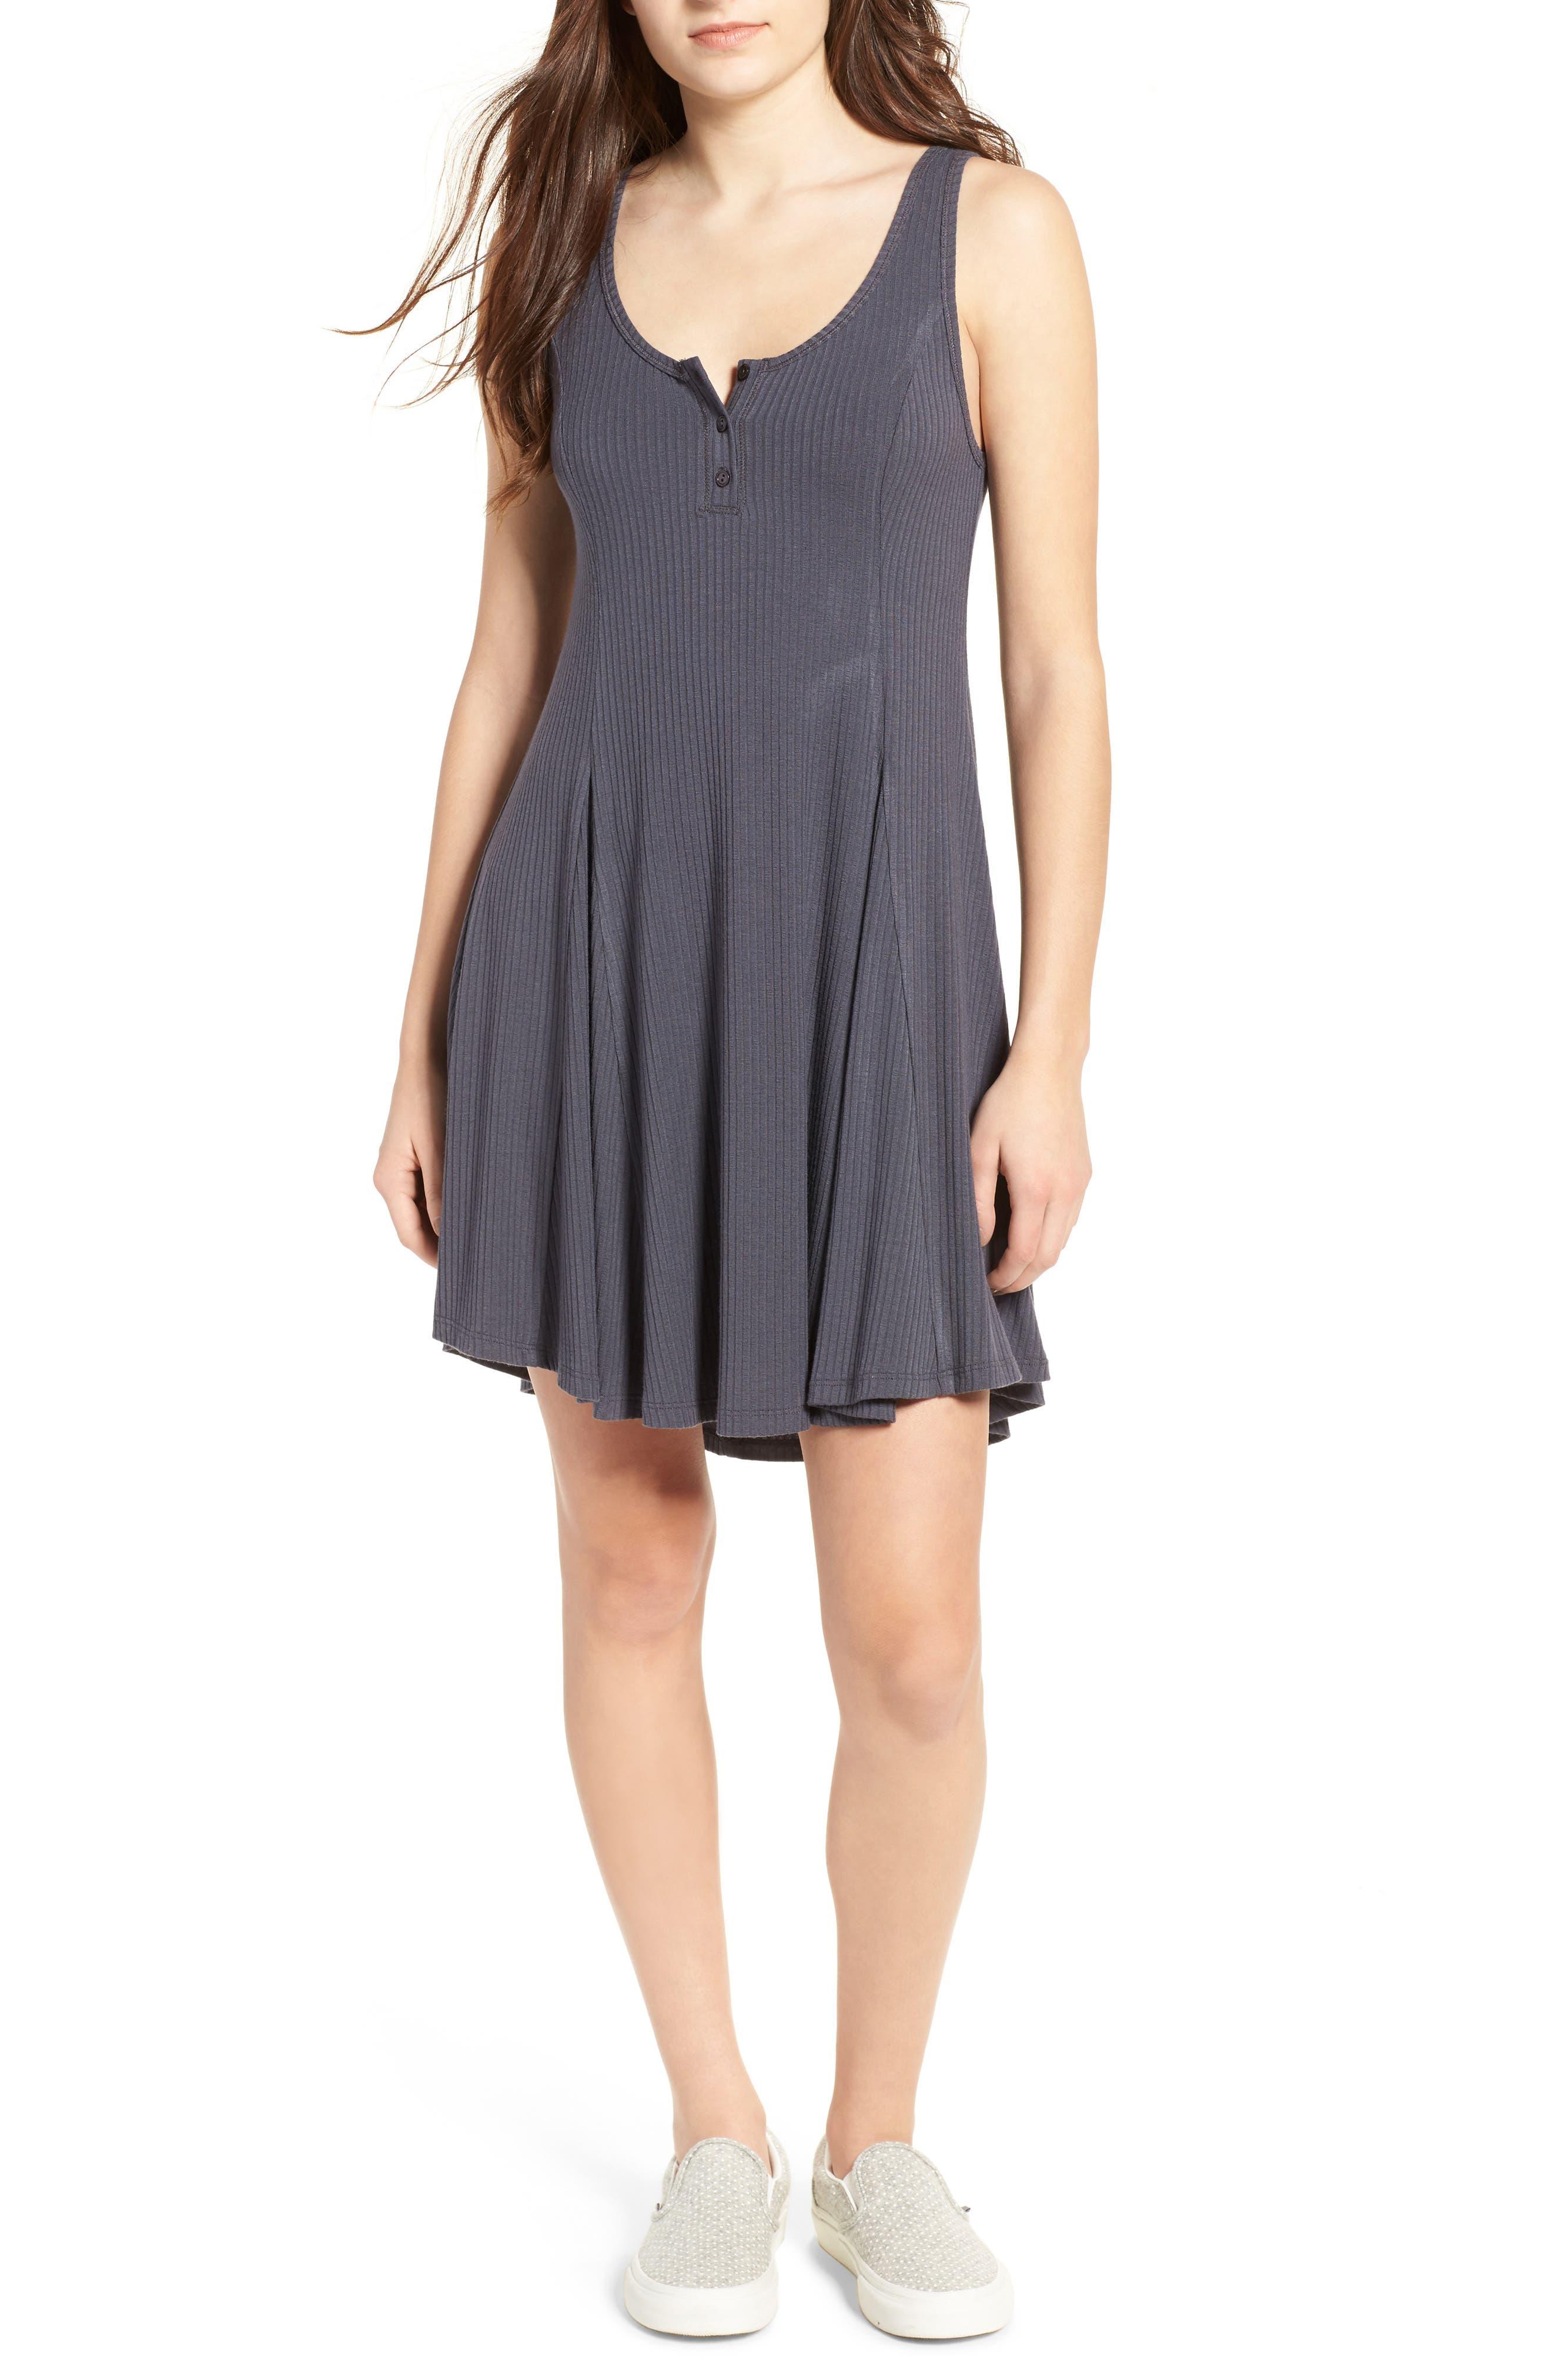 Alternate Image 1 Selected - Lush Ribbed Skater Dress